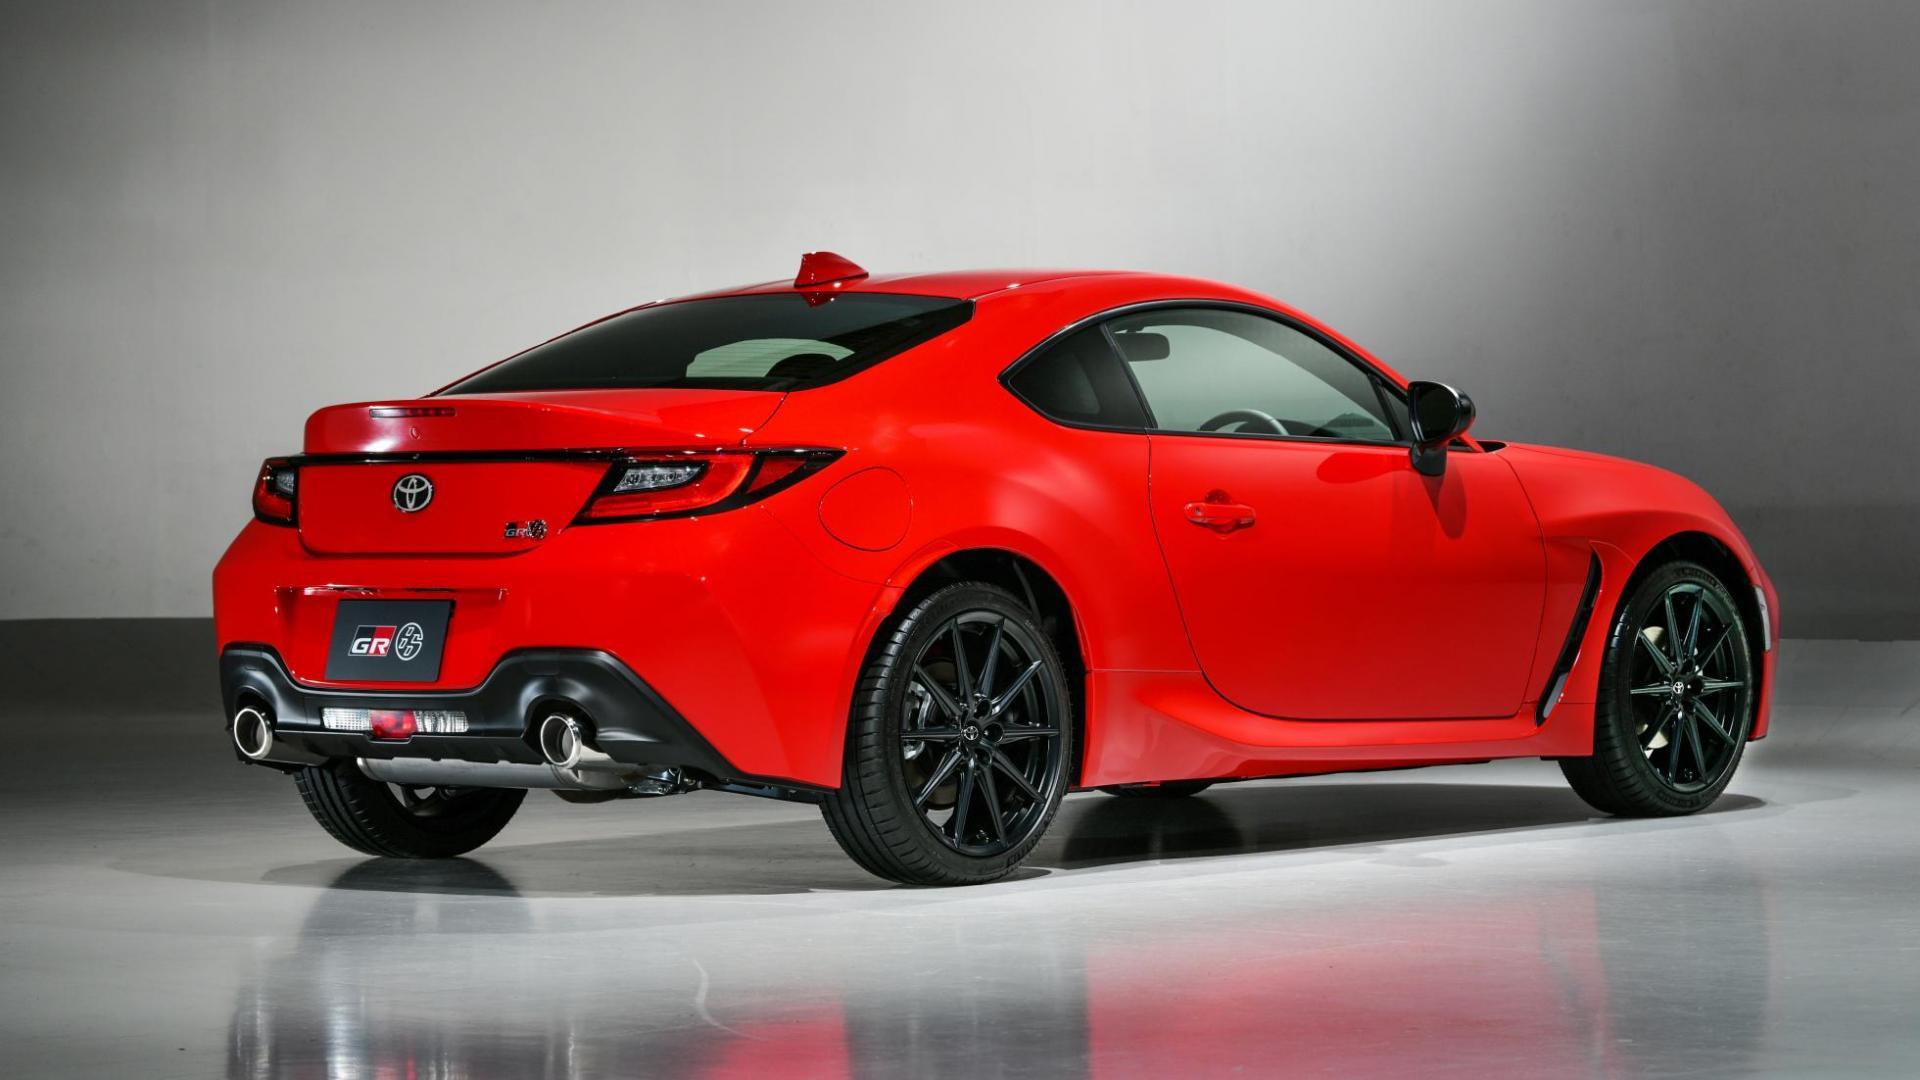 Achterkant Toyota GR 86 (2021)